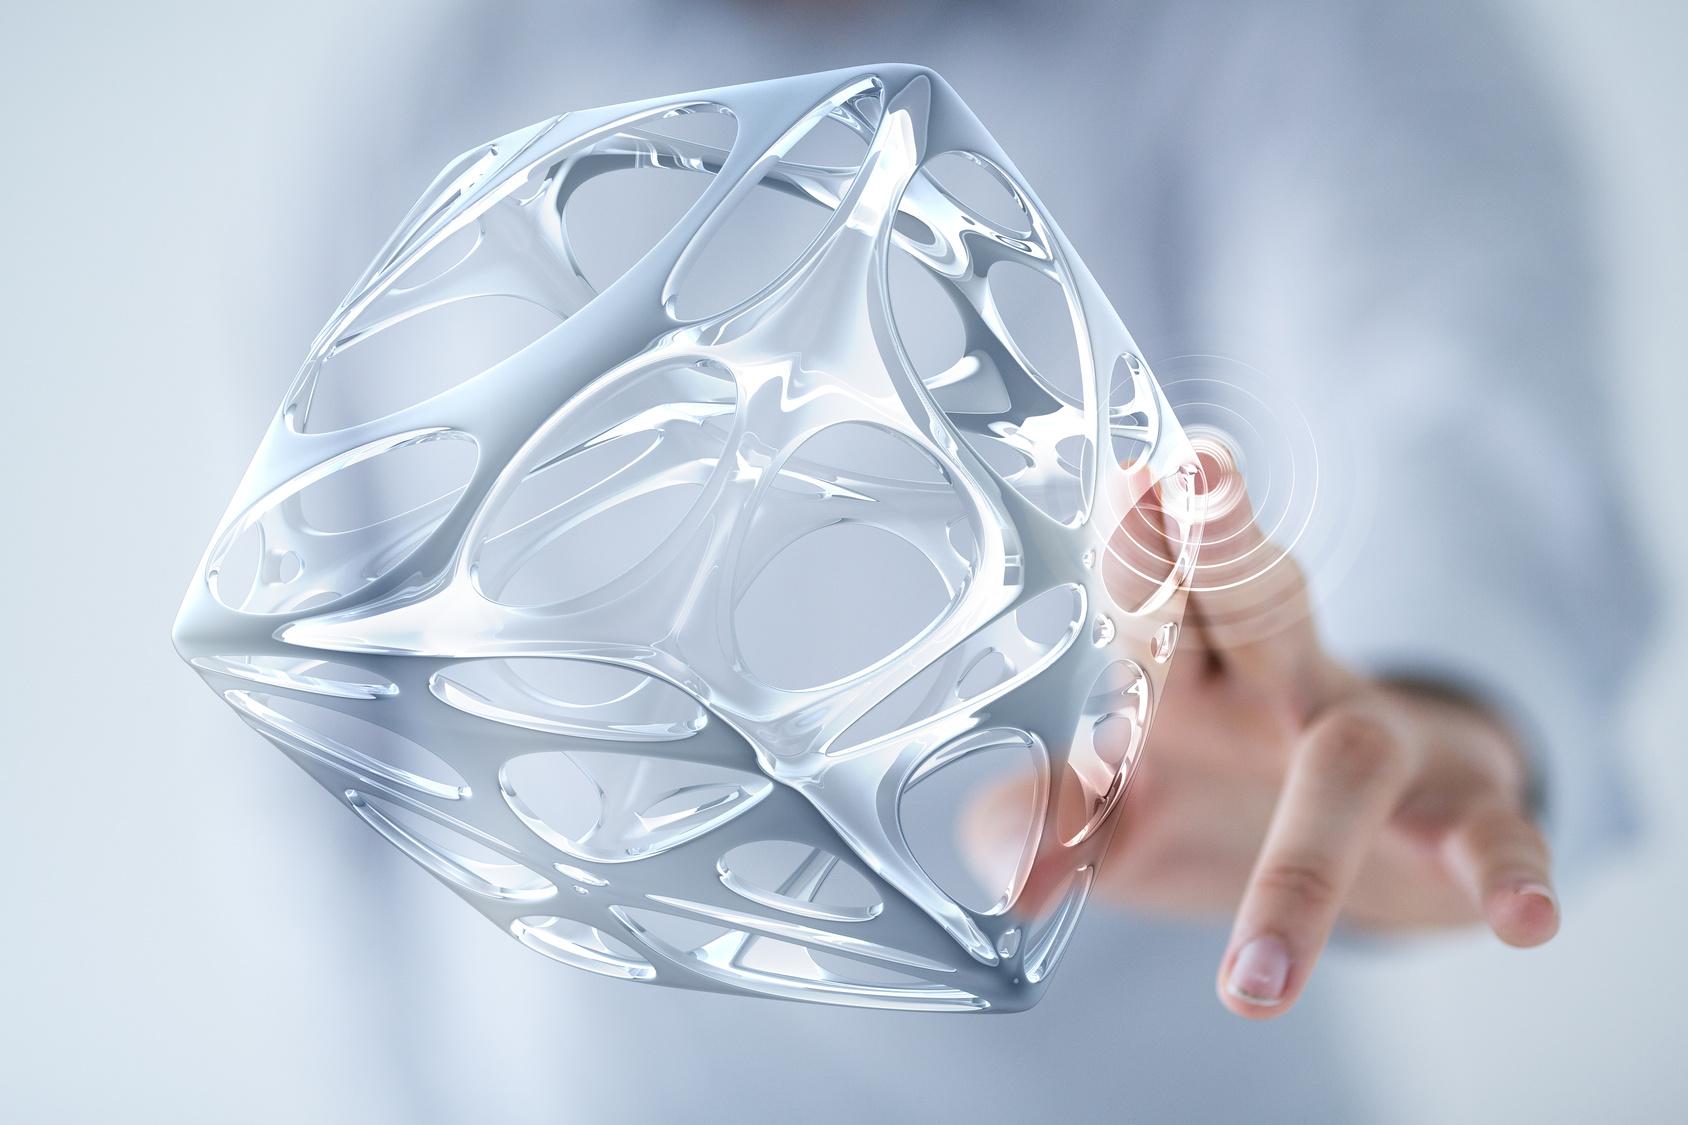 Jede Form ist möglich für Werbeartikel aus dem 3D Drucker